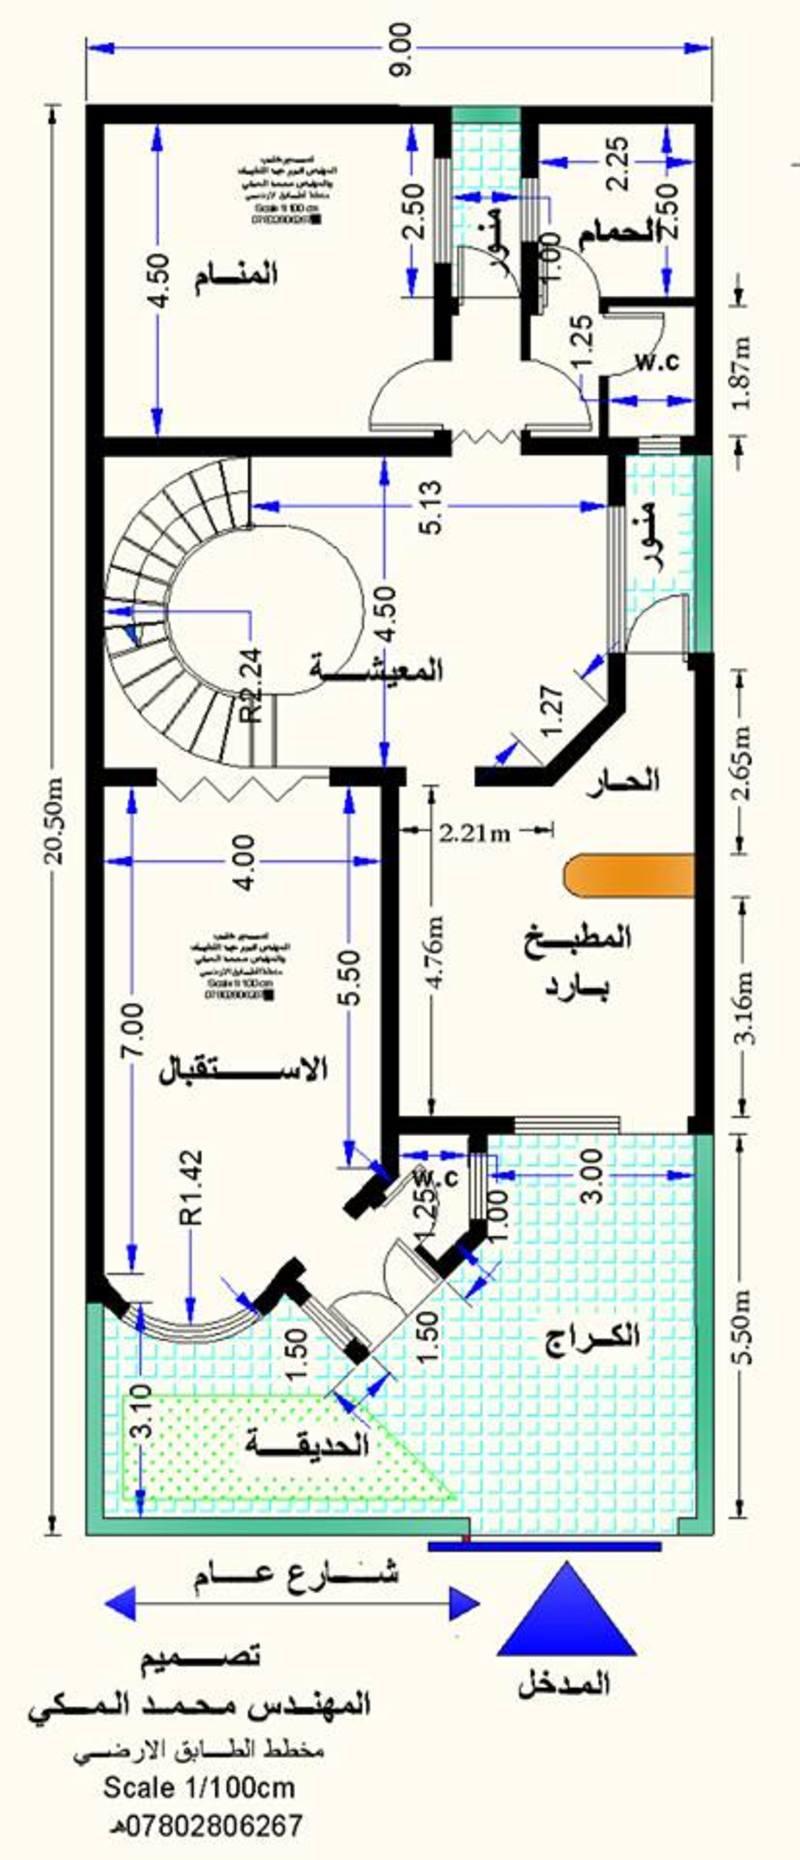 صورة خرائط منازل 2099 5